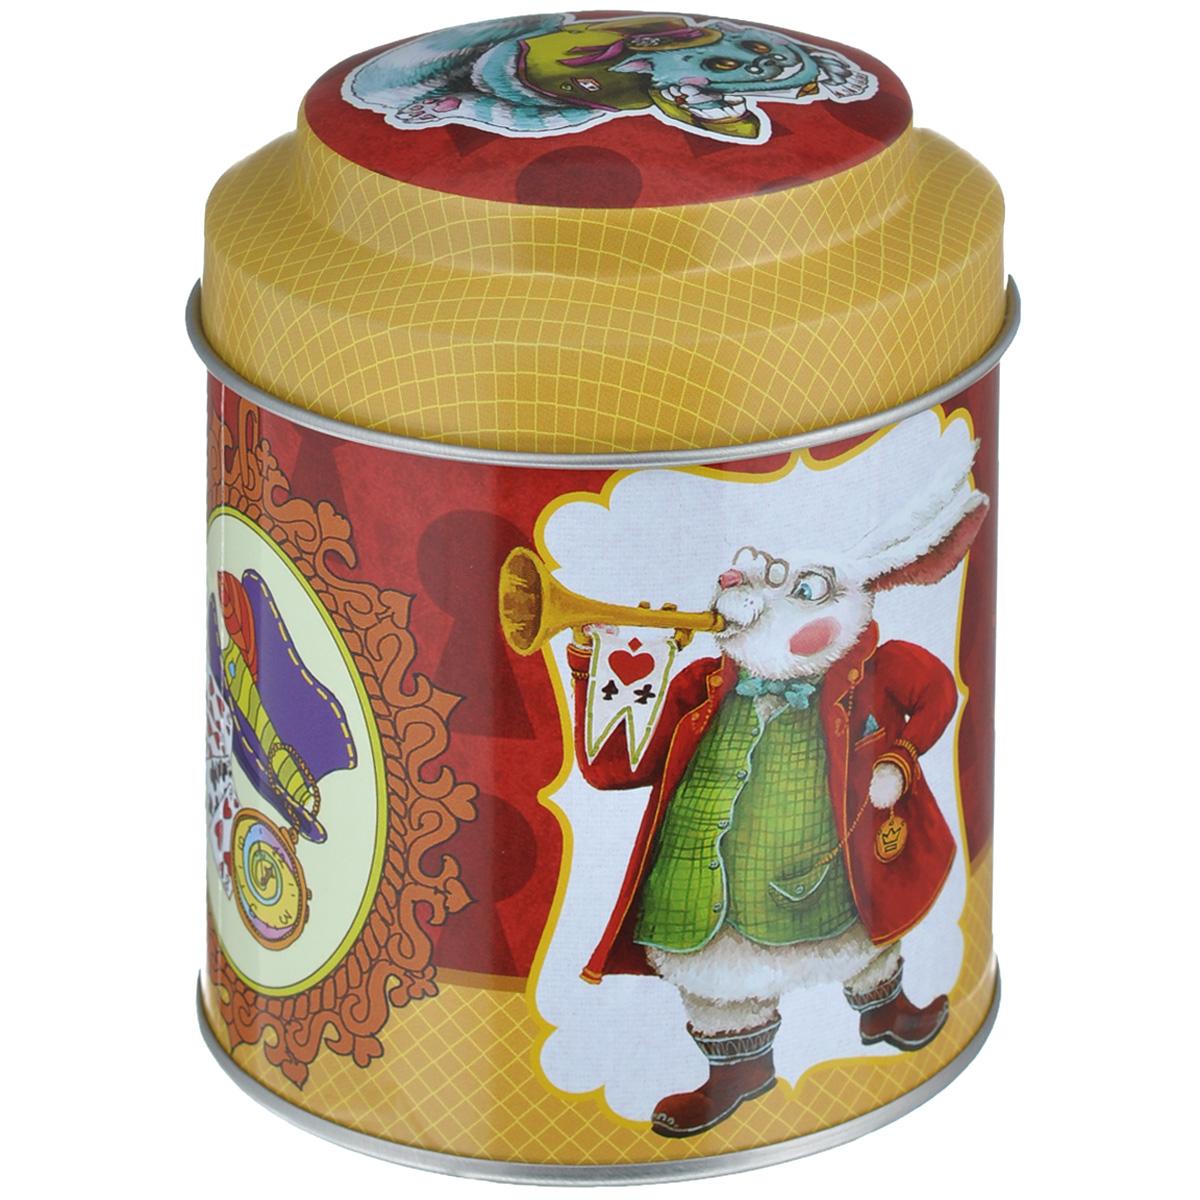 Банка для сыпучих продуктов Феникс-презент Кролик, 680 мл37651Банка для сыпучих продуктов Феникс-презент Кролик, изготовленная из окрашенного черного металла, оформлена ярким рисунком. Банка прекрасно подойдет для хранения различных сыпучих продуктов: специй, чая, кофе, сахара, круп и многого другого. Емкость плотно закрывается крышкой. Благодаря этому она будет дольше сохранять свежесть ваших продуктов. Функциональная и вместительная, такая банка станет незаменимым аксессуаром на любой кухне. Нельзя мыть в посудомоечной машине. Объем банки: 680 мл. Высота банки (без учета крышки): 10 см. Диаметр банки (по верхнему краю): 9 см.